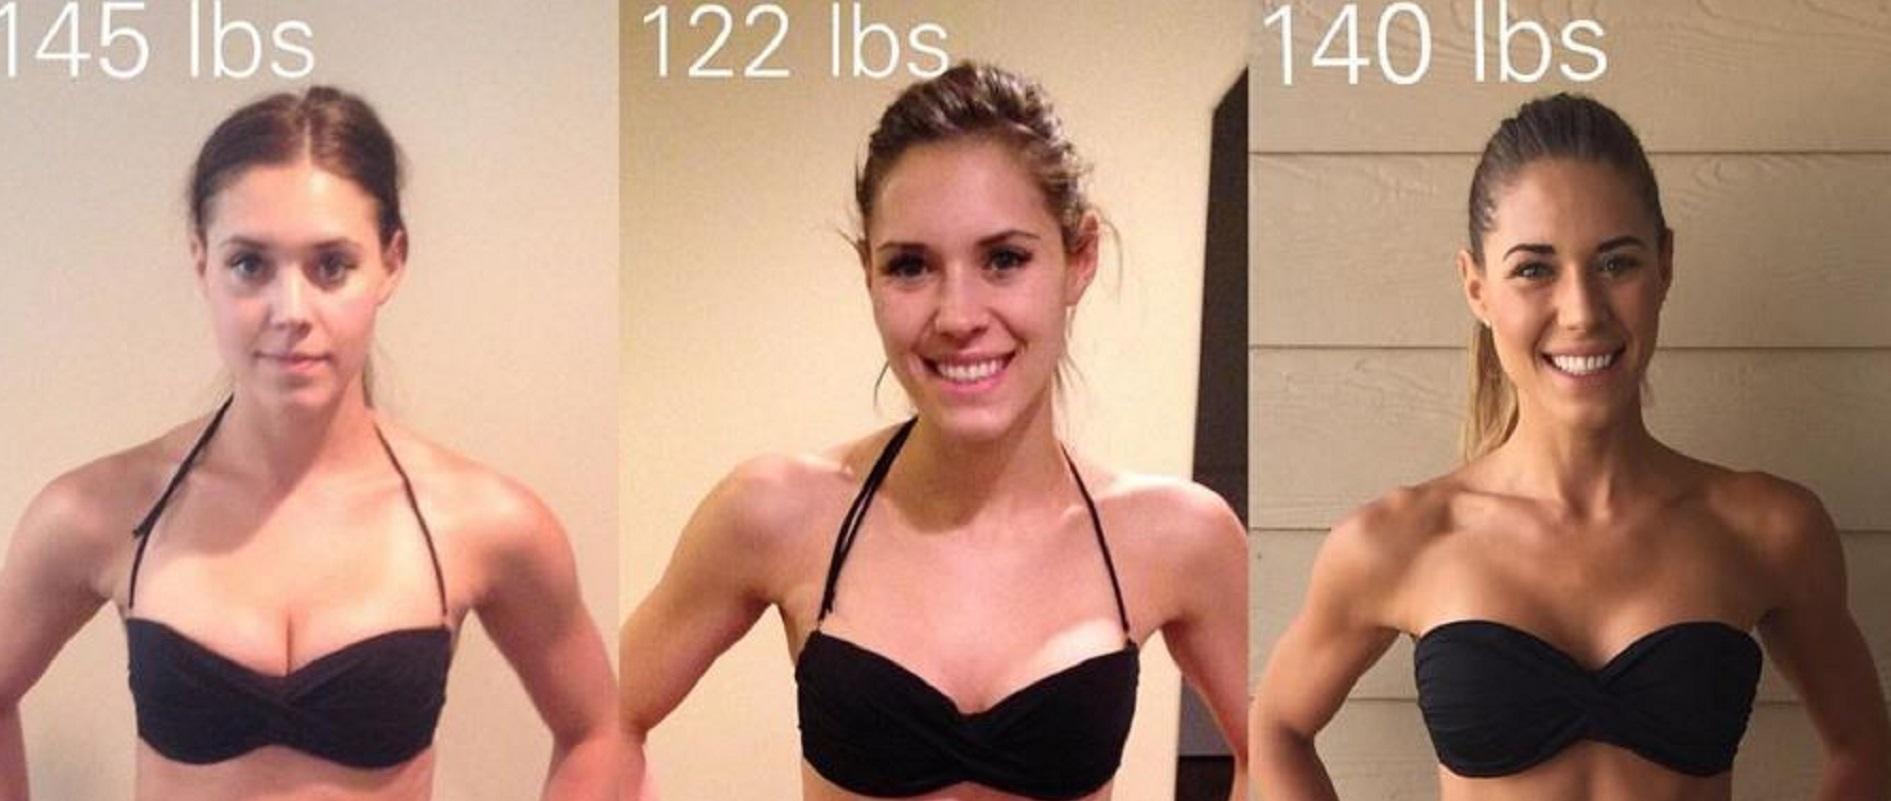 Êtes-vous à votre poids santé?